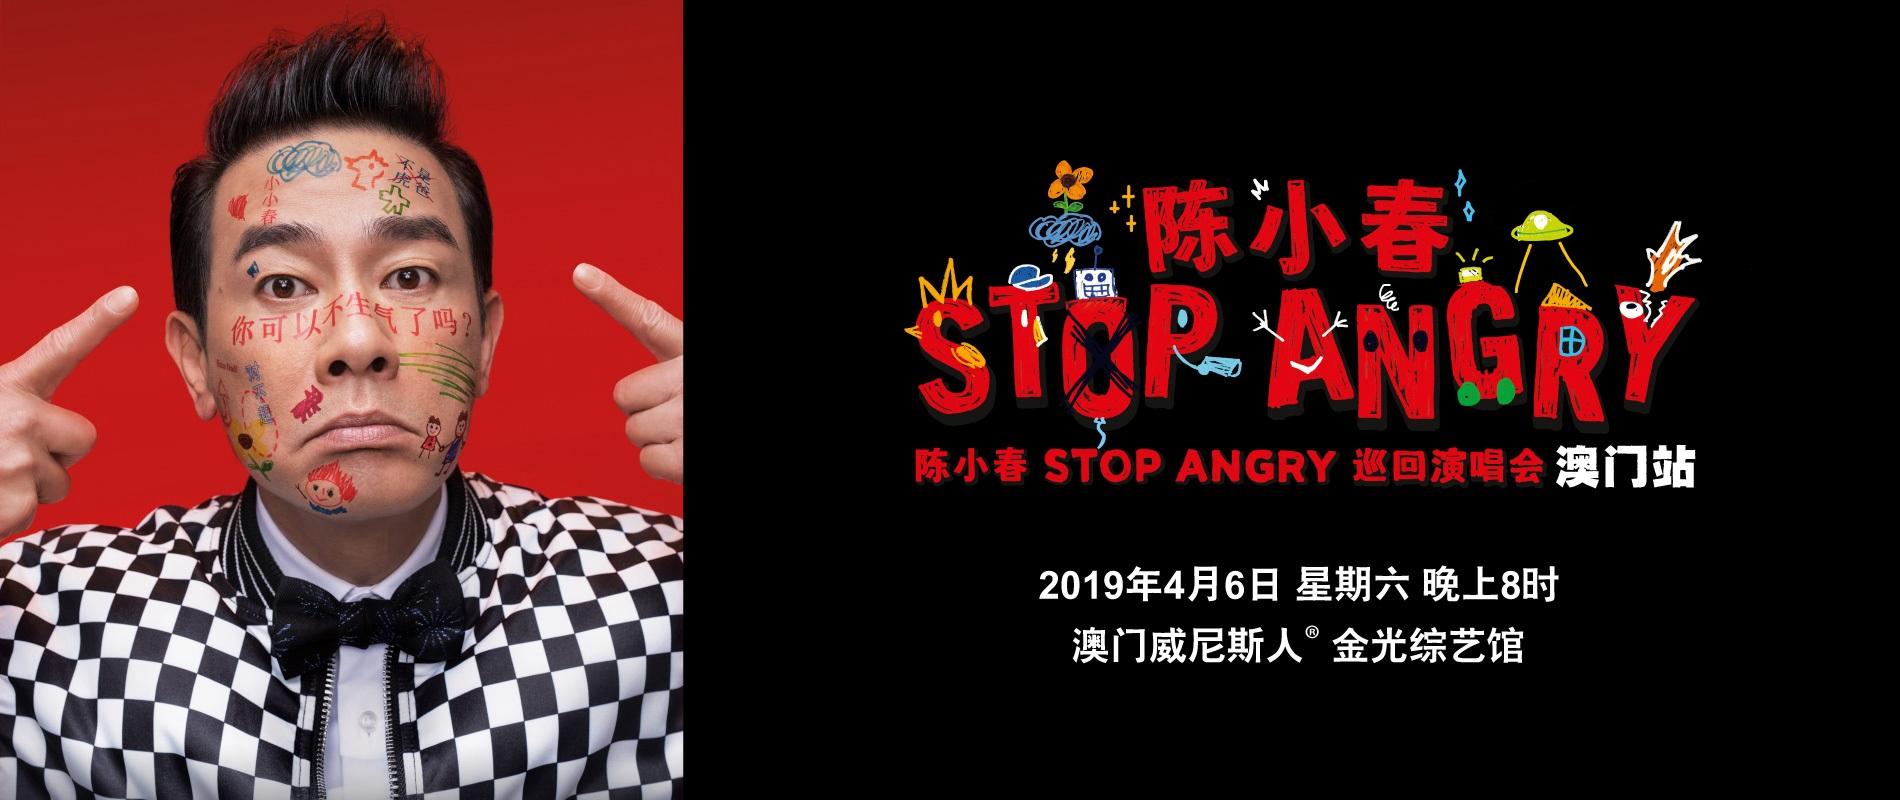 《陈小春STOP ANGRY巡回演唱会 澳门站》—澳门威尼斯人金光综艺馆